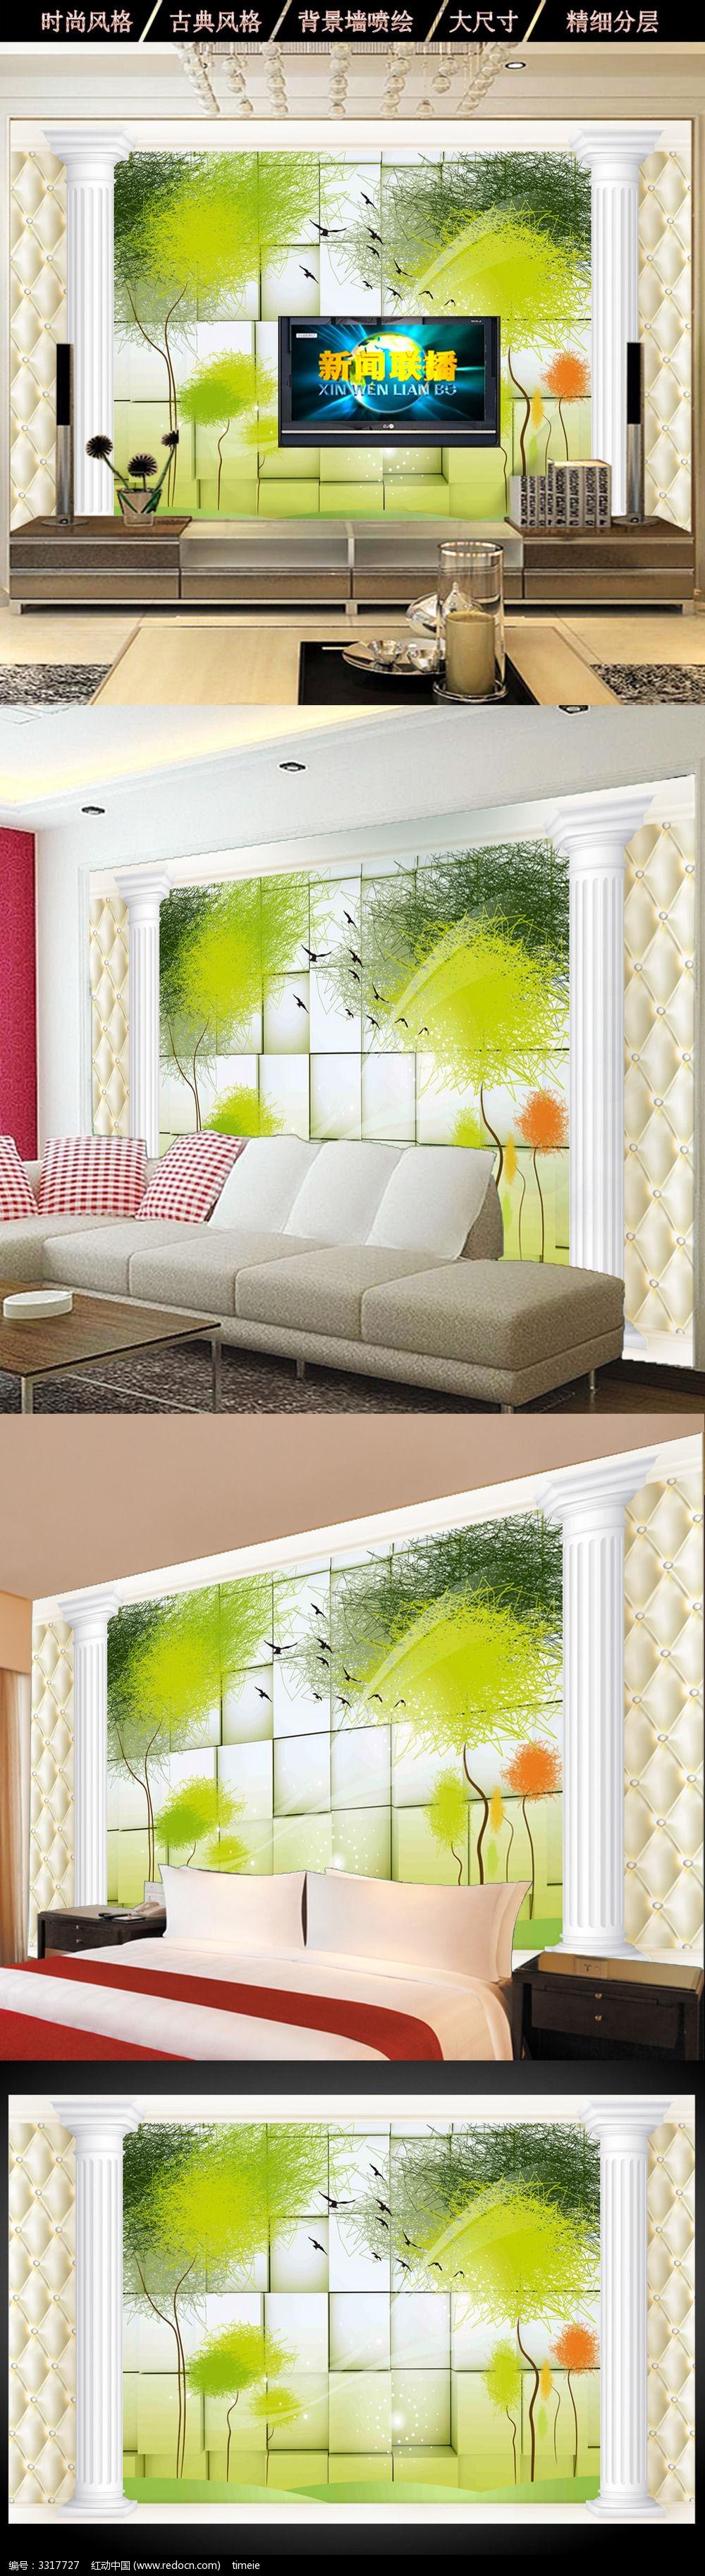 欧式立体柱子抽象树背景墙设计